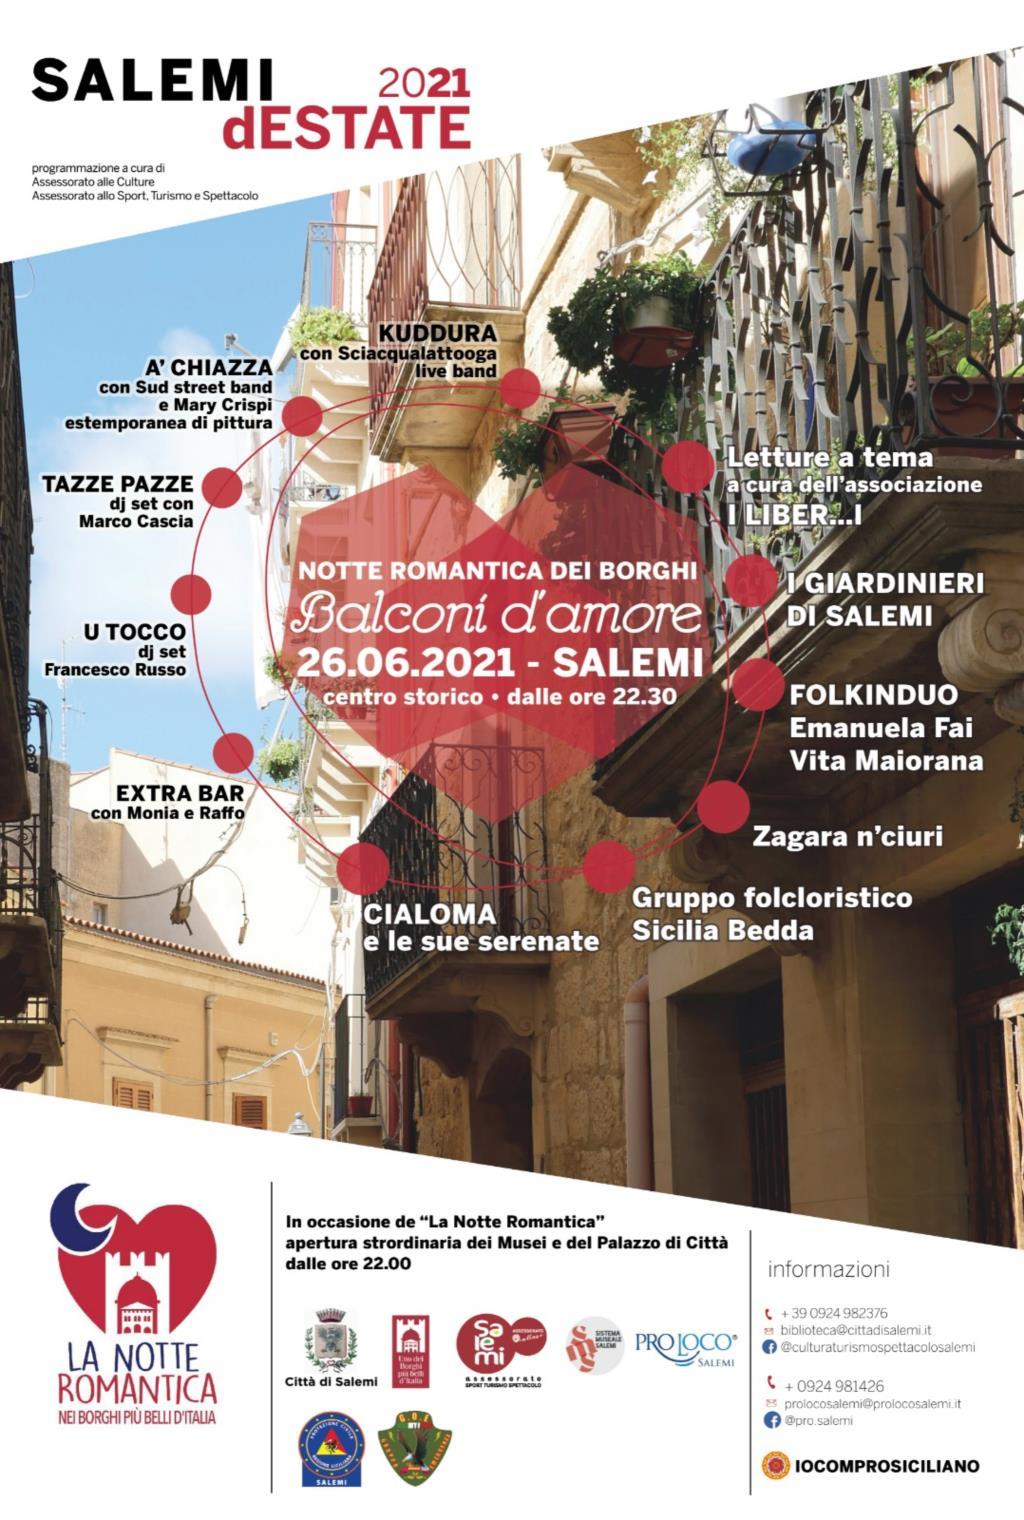 Salemi, sabato torna Balconi d'amore-Notte romantica dei Borghi